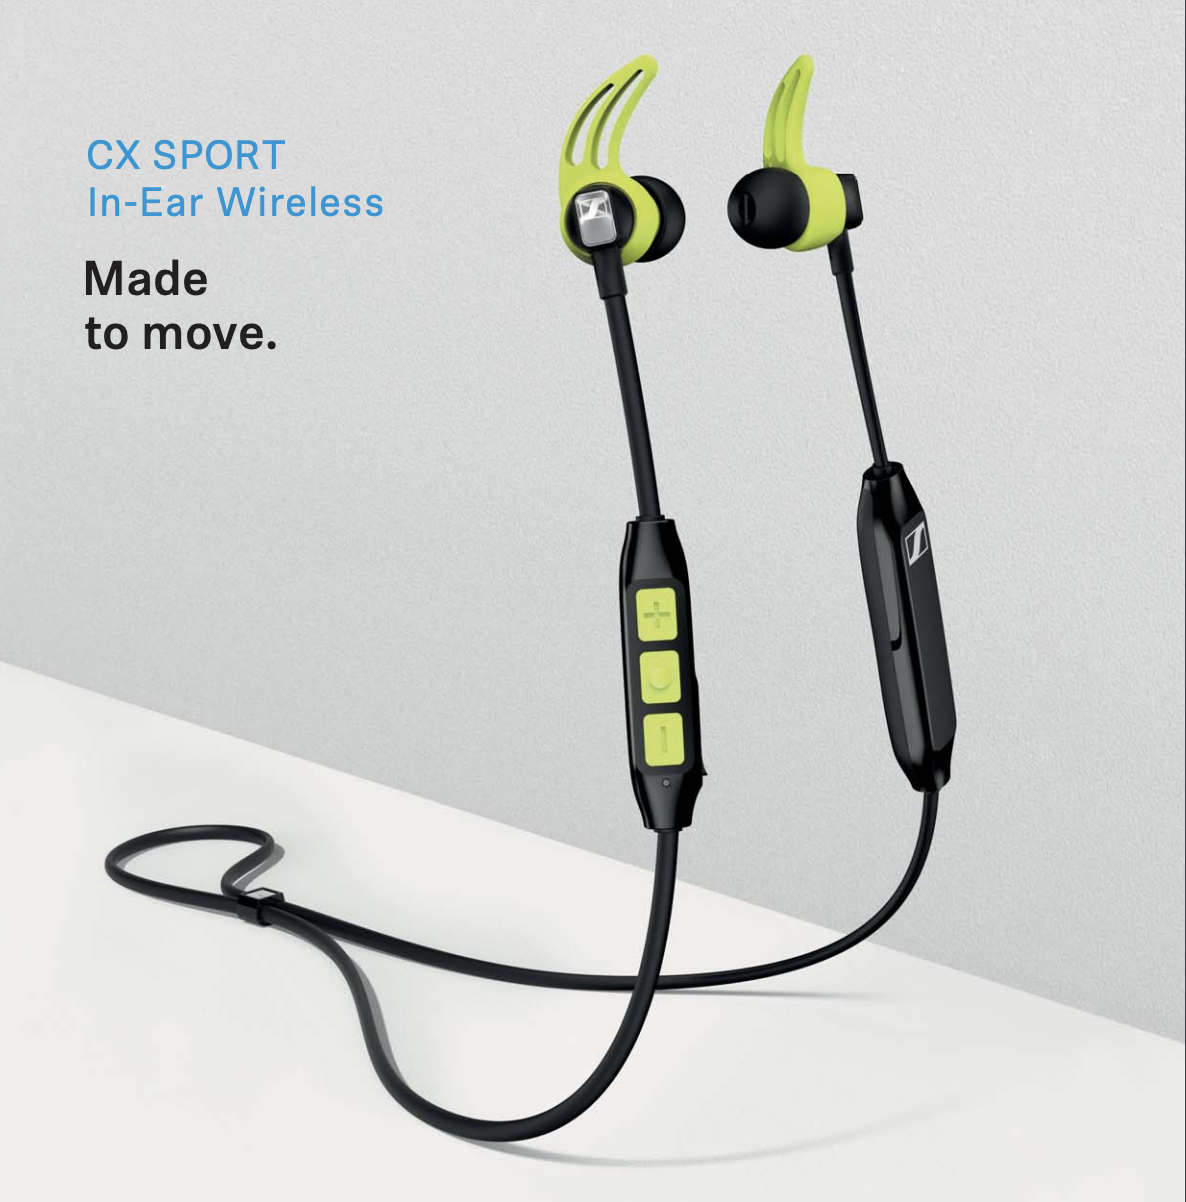 Sennheiser Cx 685 Adidas Sports In Ear Headphones Review